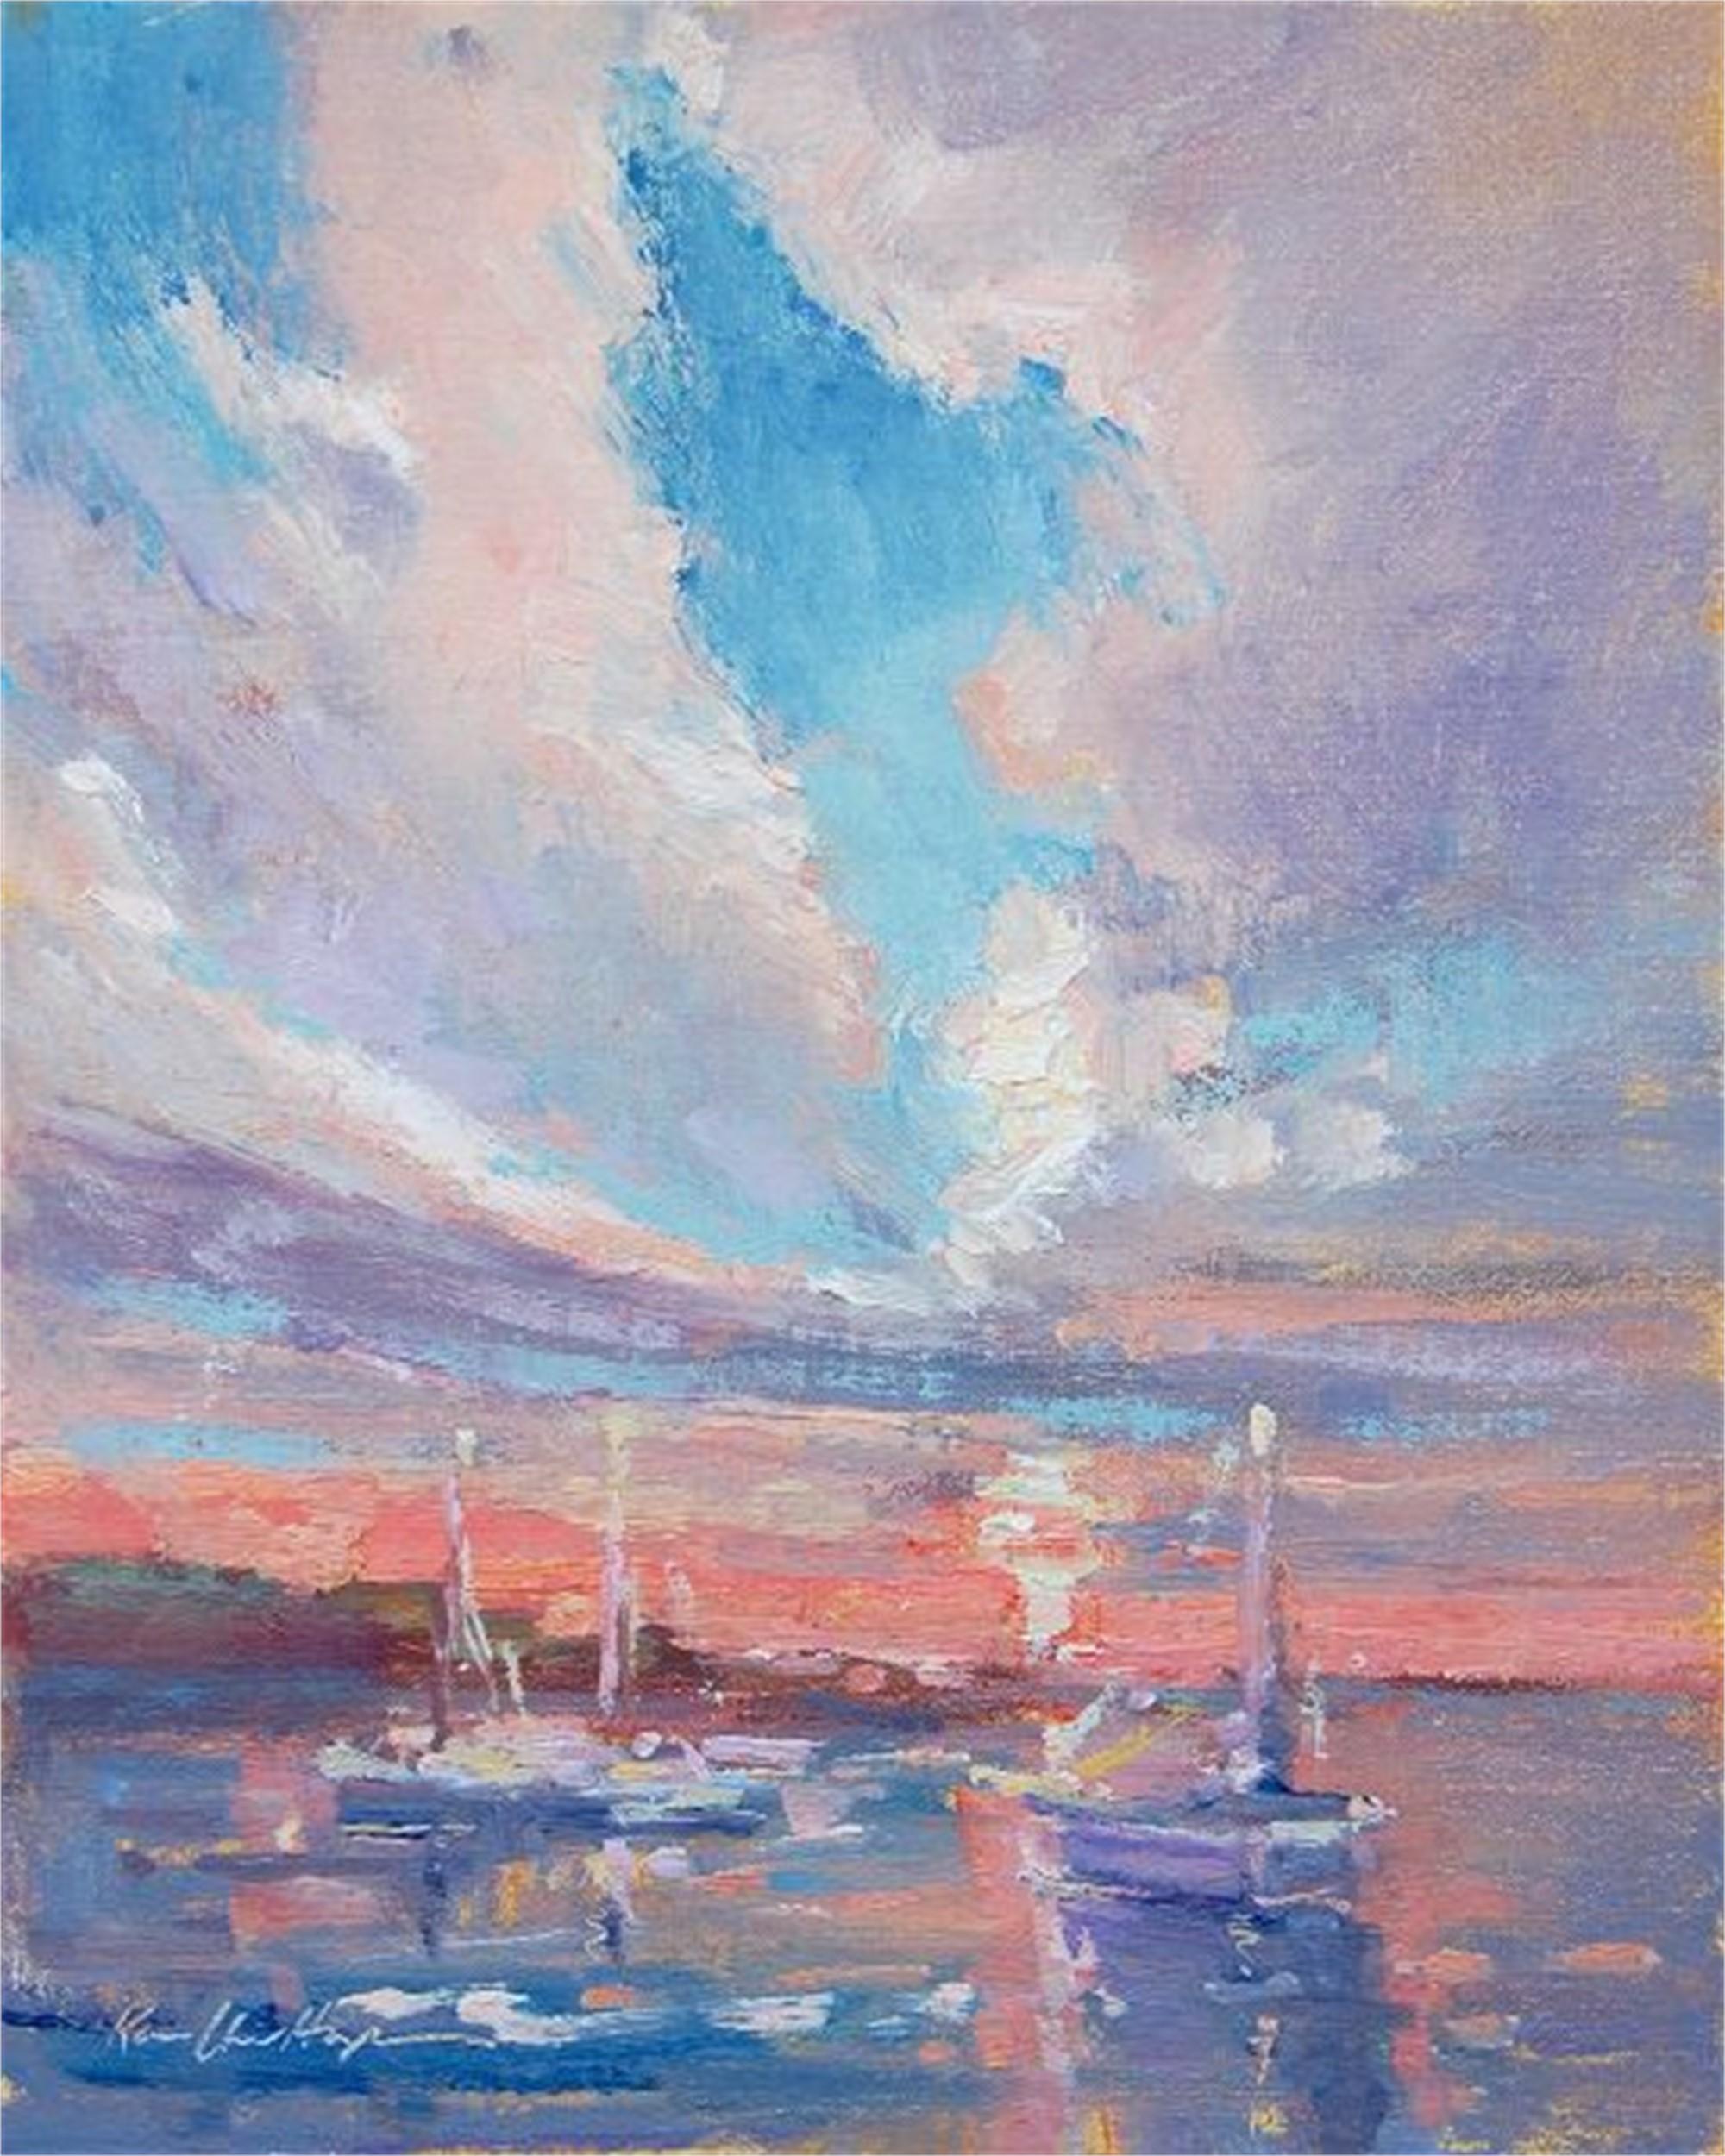 Charlerston Harbor by Karen Hewitt Hagan